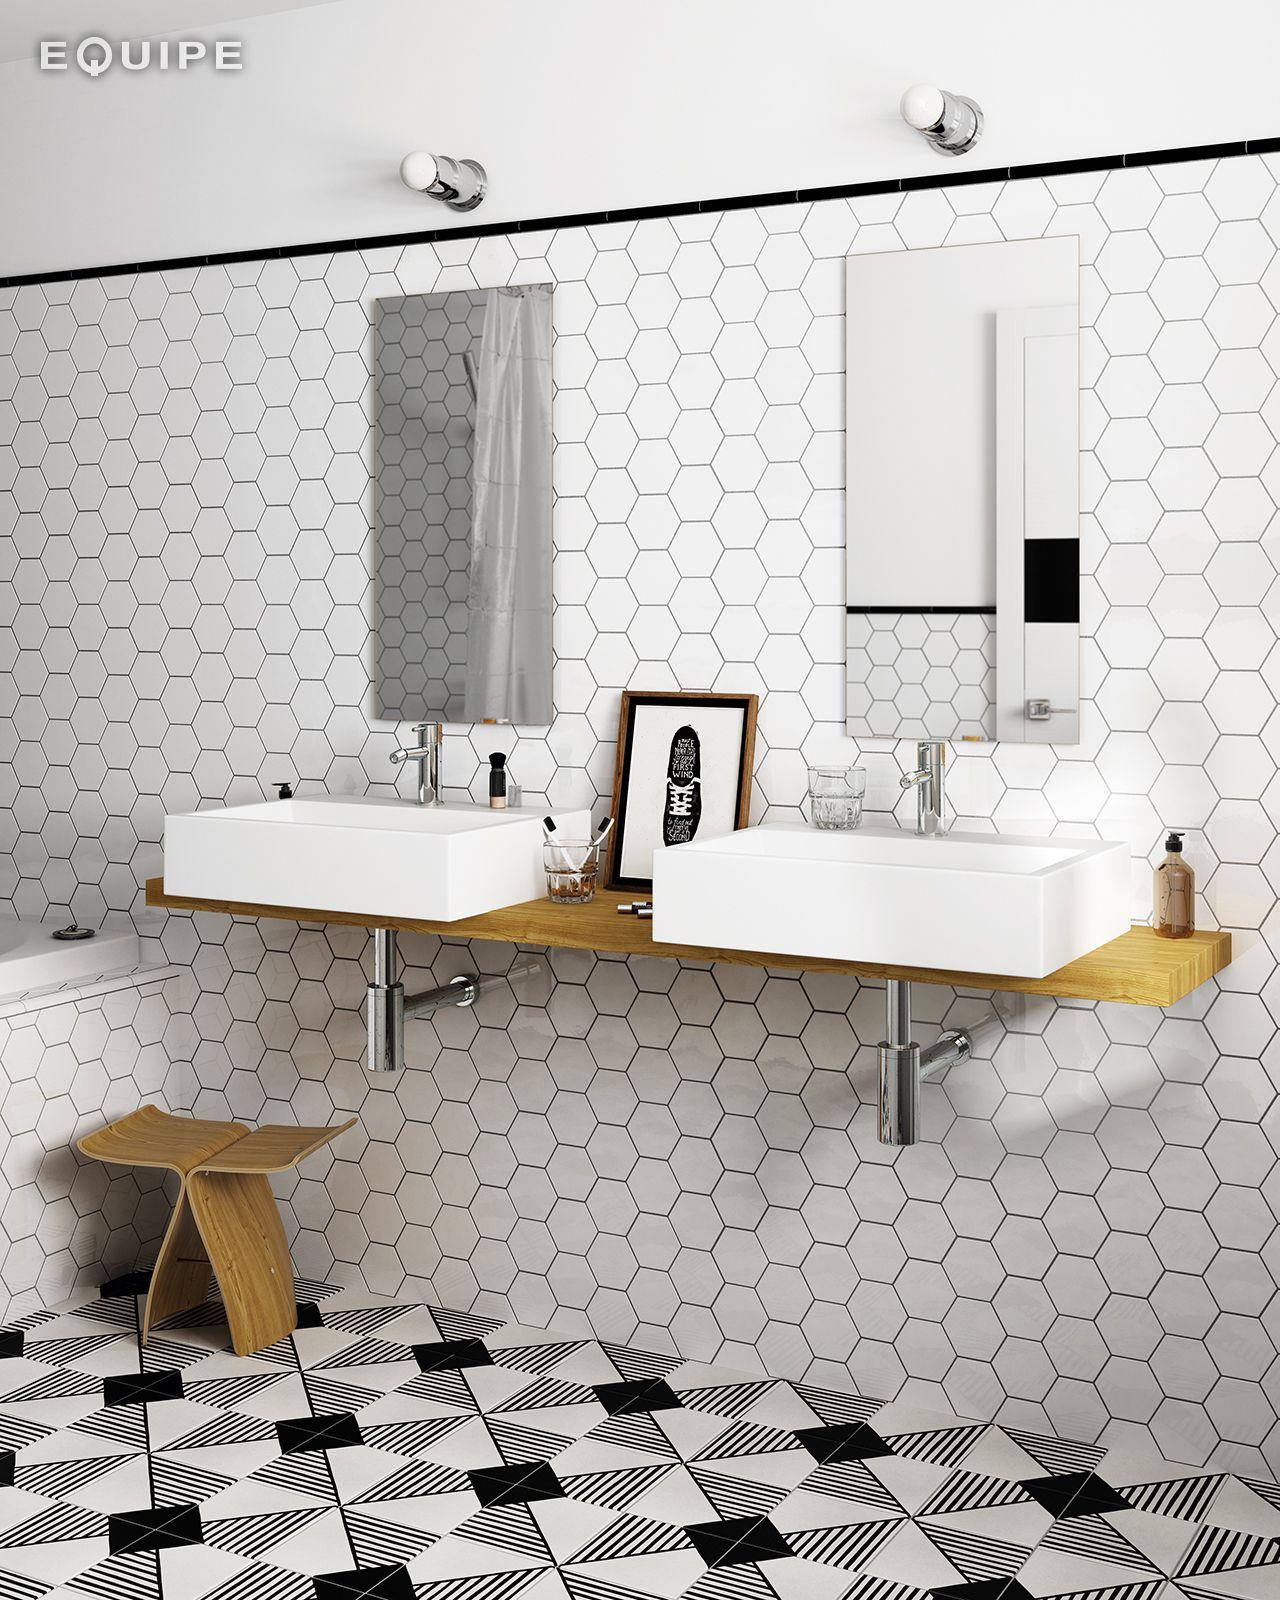 4x10 Subway Tile Bathroom